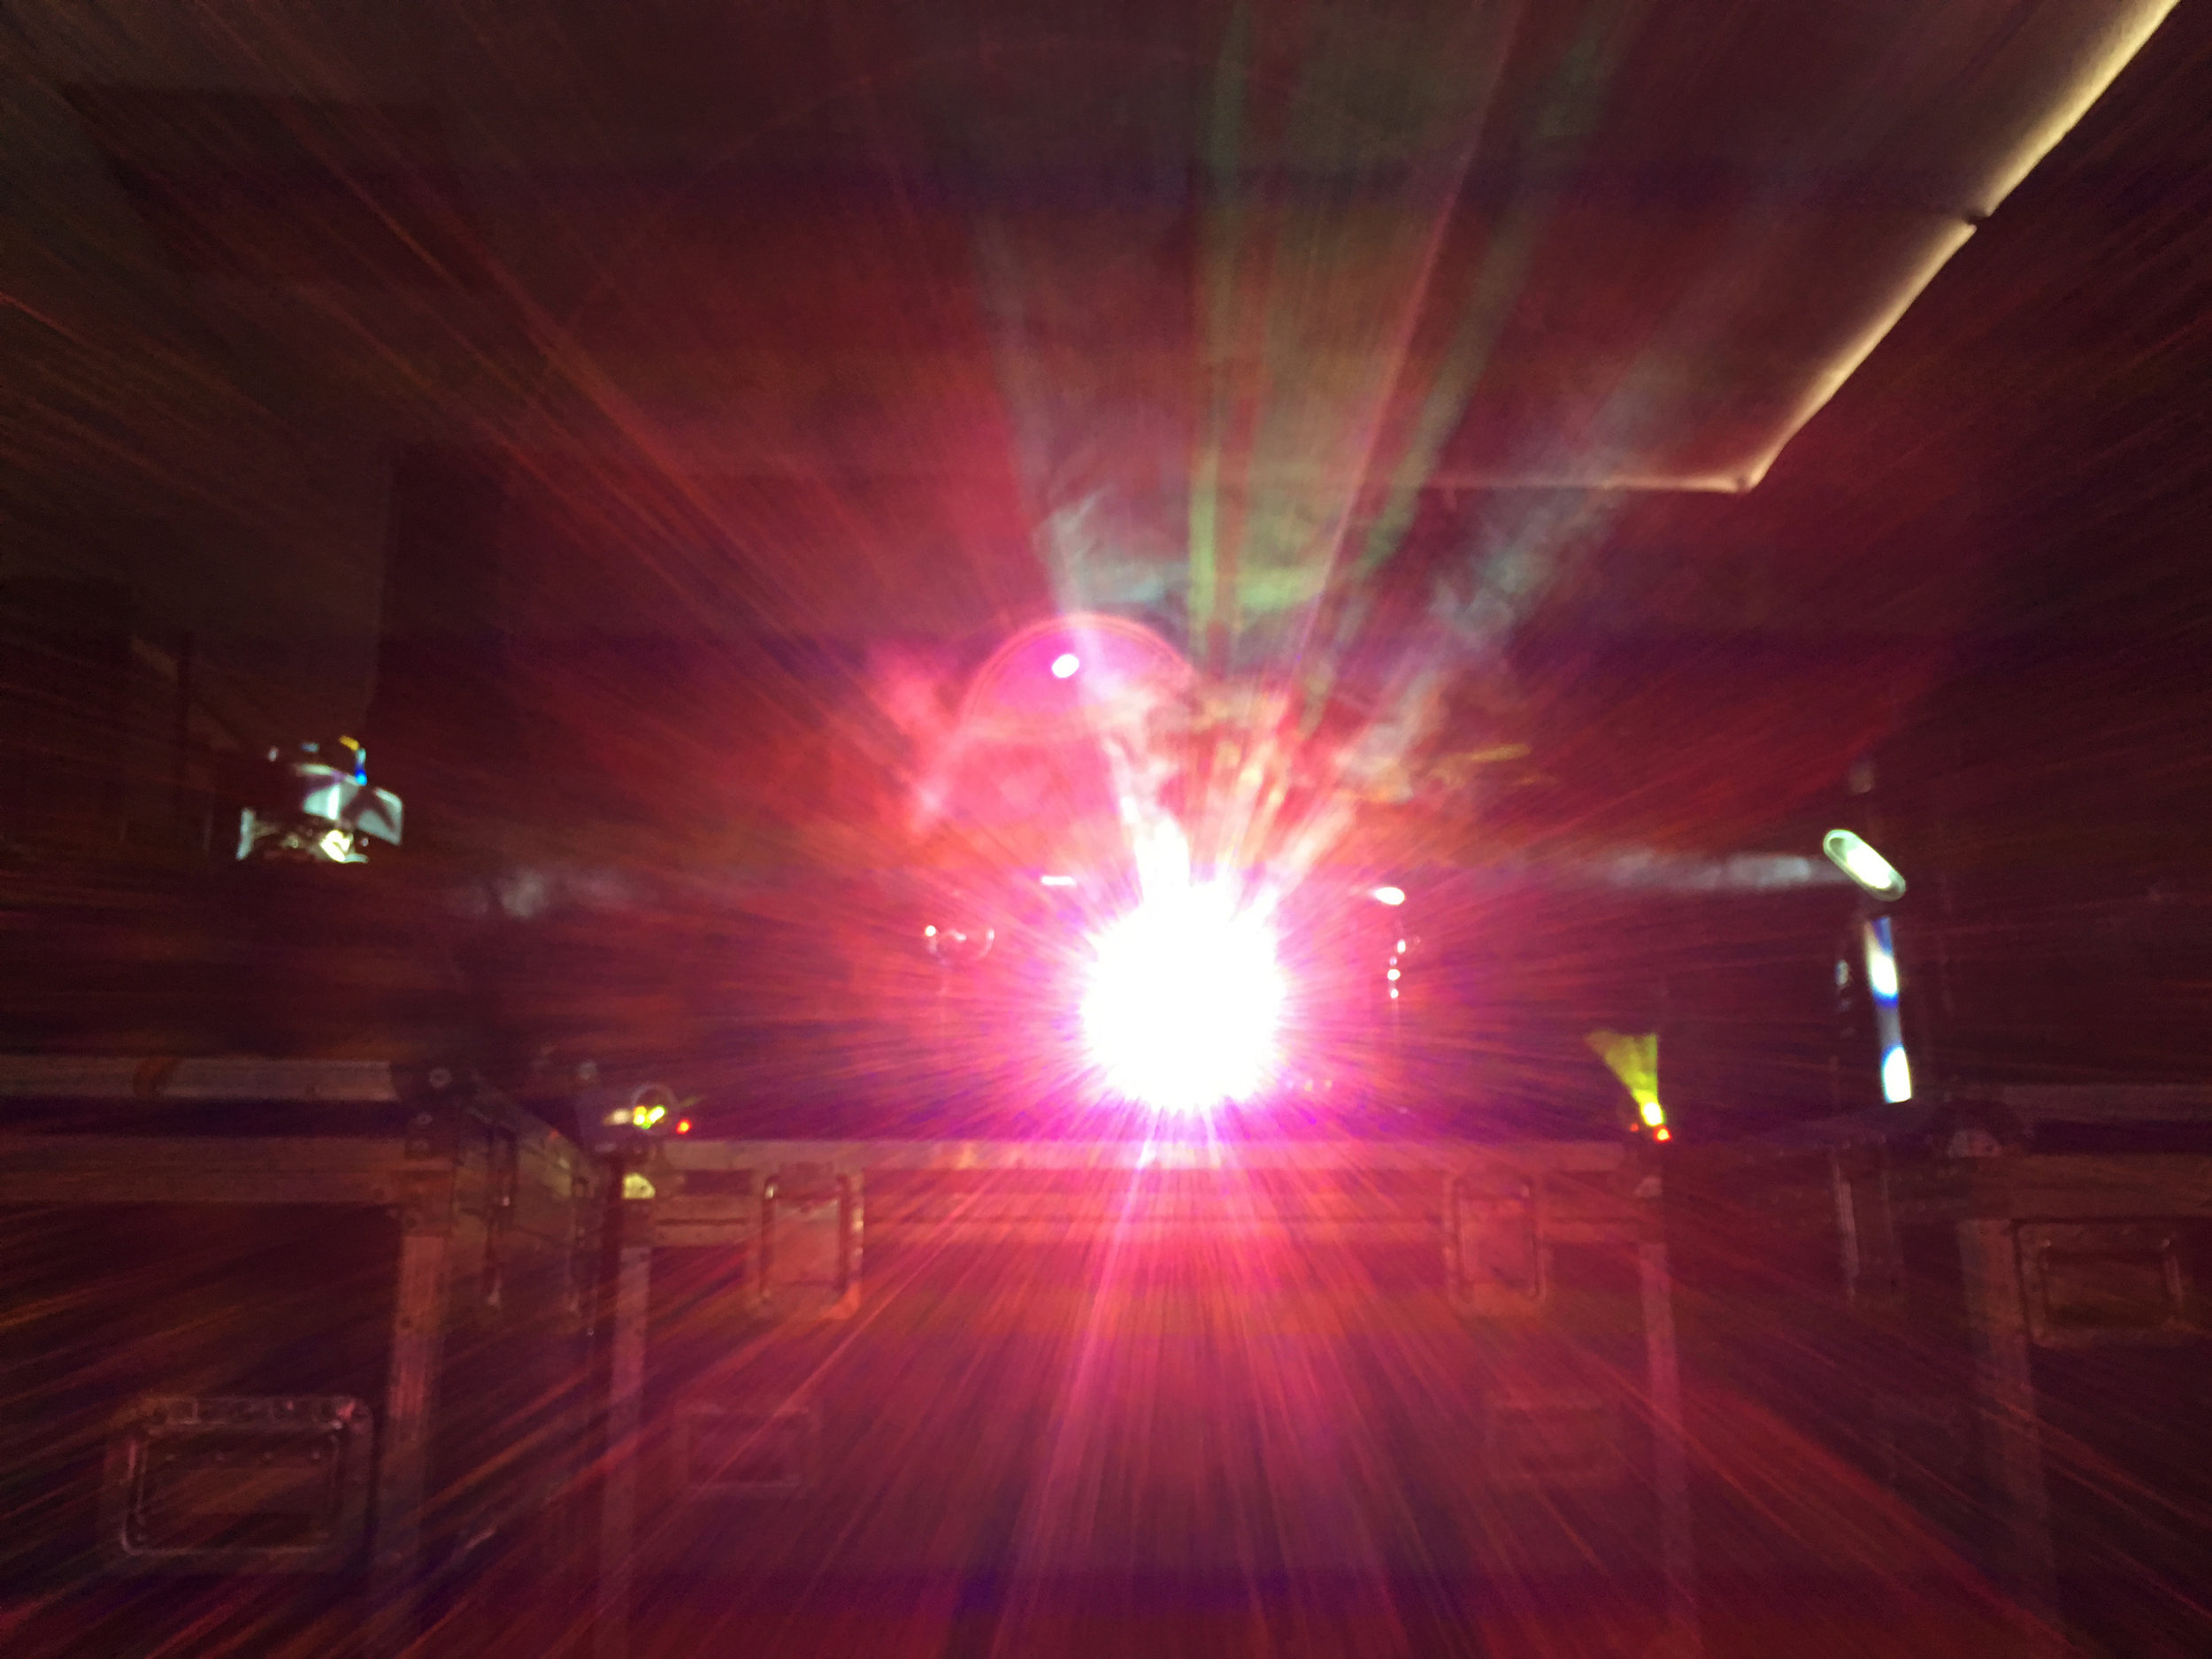 dance_production_still_37.jpg